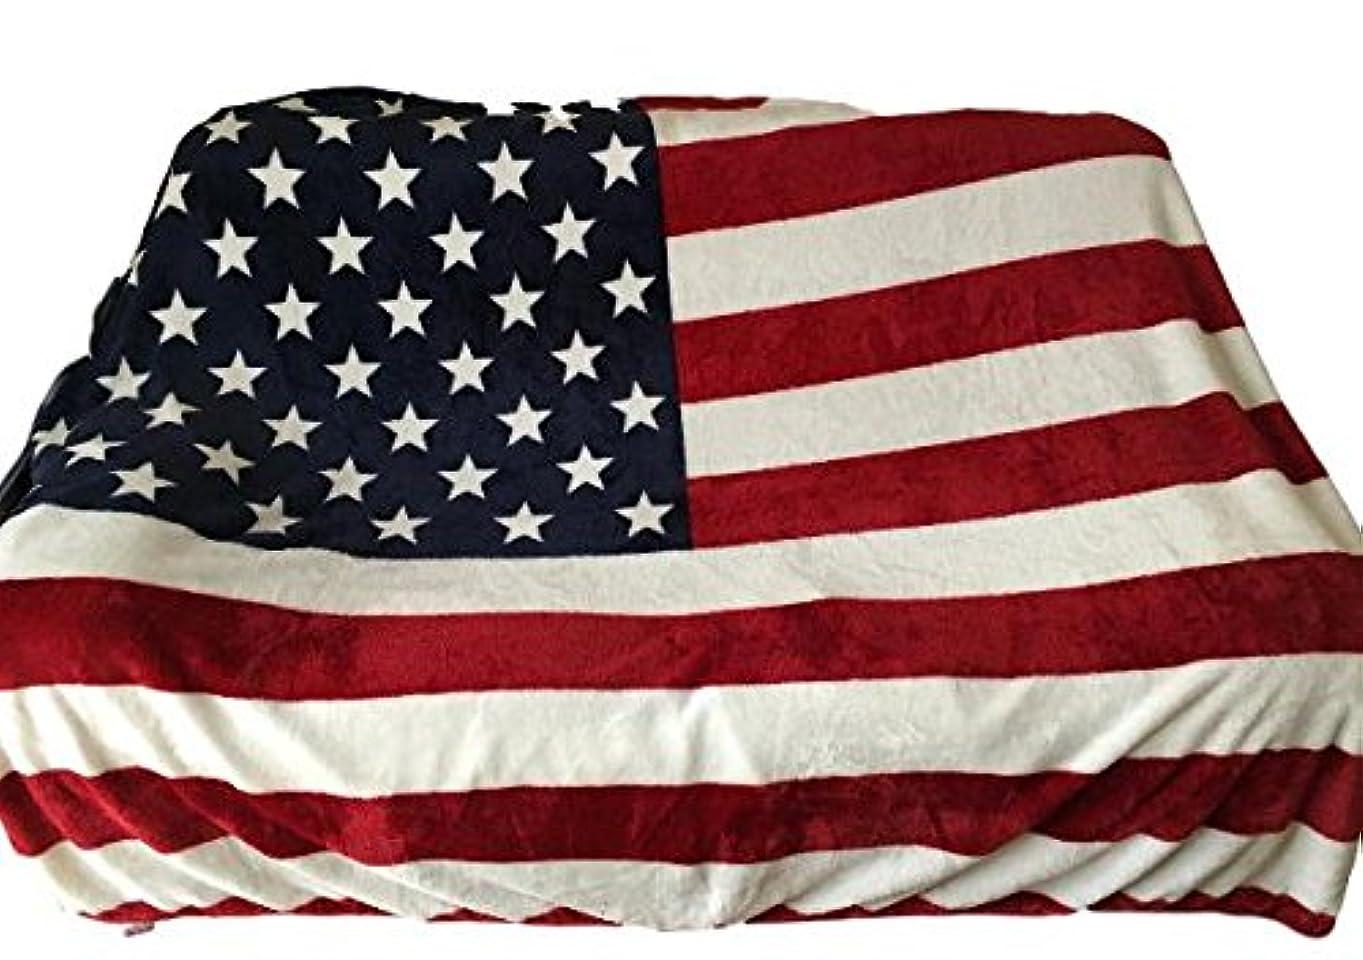 ダイヤモンド市の中心部凝縮するアメリカ 星条旗 国旗 ふんわり あったか 毛布 ブランケット スタイリッシュ ソファカバー (11 アメリカ 140×210)